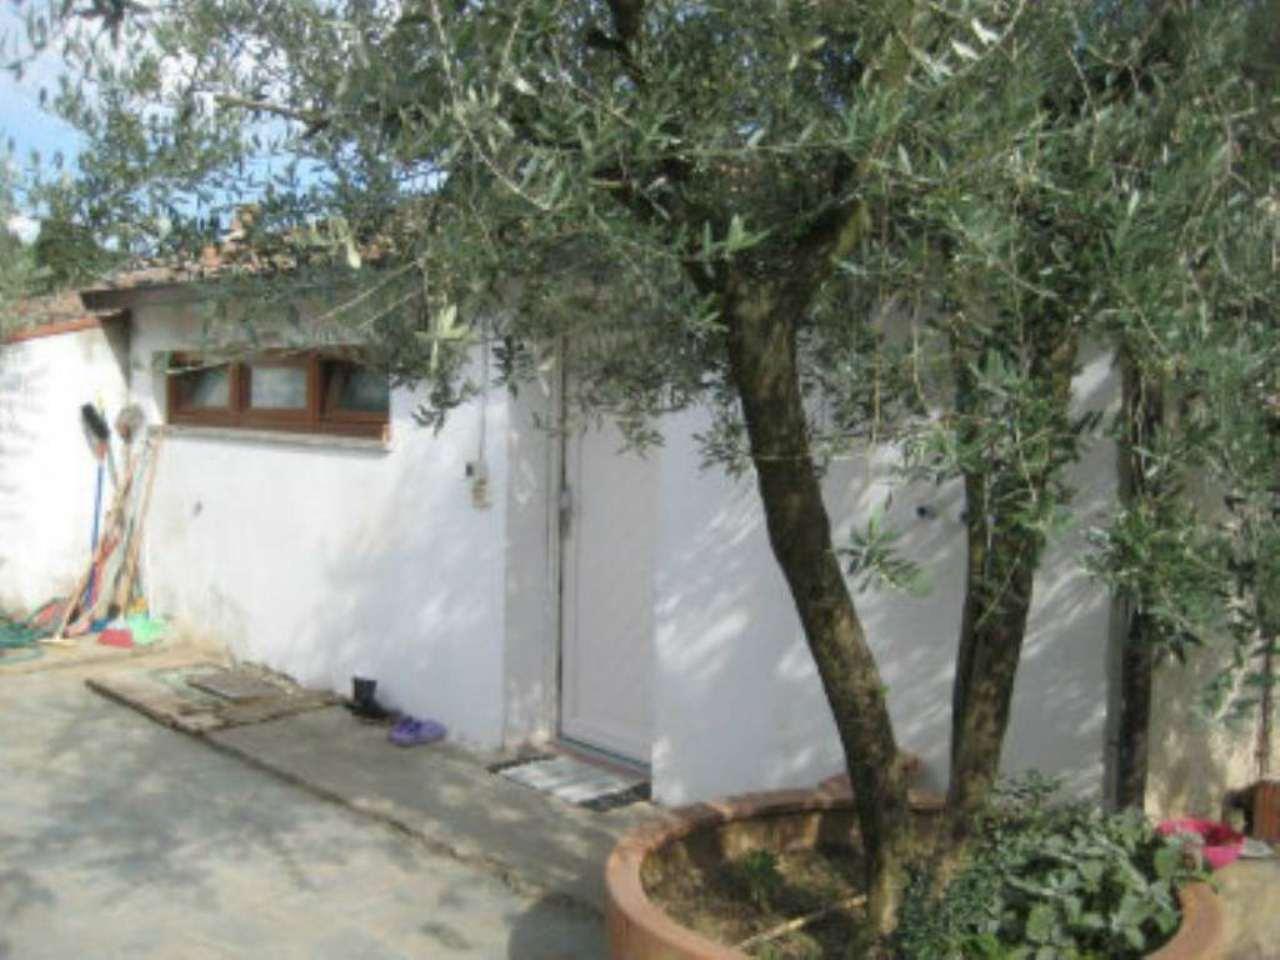 Soluzione Indipendente in vendita a Civitella in Val di Chiana, 6 locali, prezzo € 90.000 | CambioCasa.it